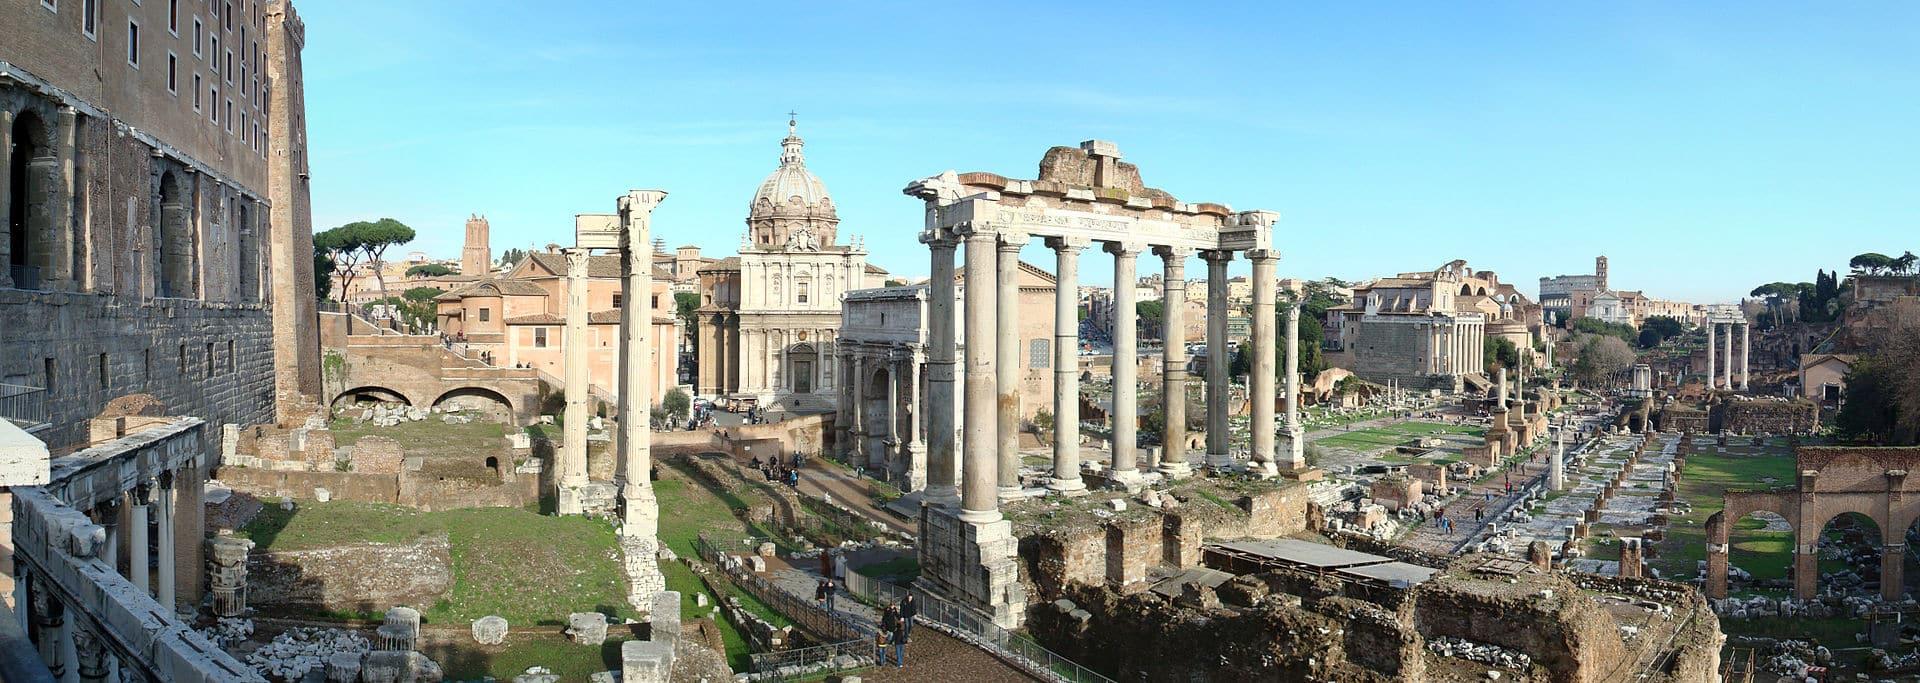 Colosseum og Forum Romanum 1